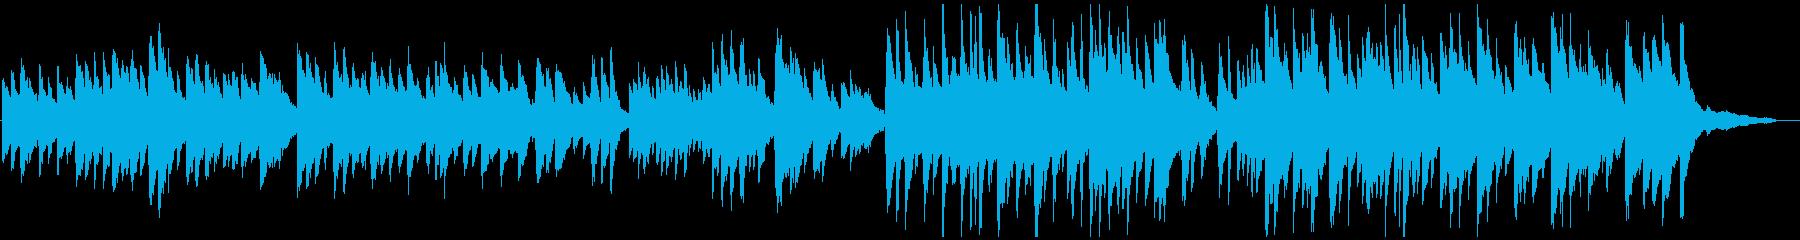 風景・ドキュメンタリ・CM 懐しいピアノの再生済みの波形